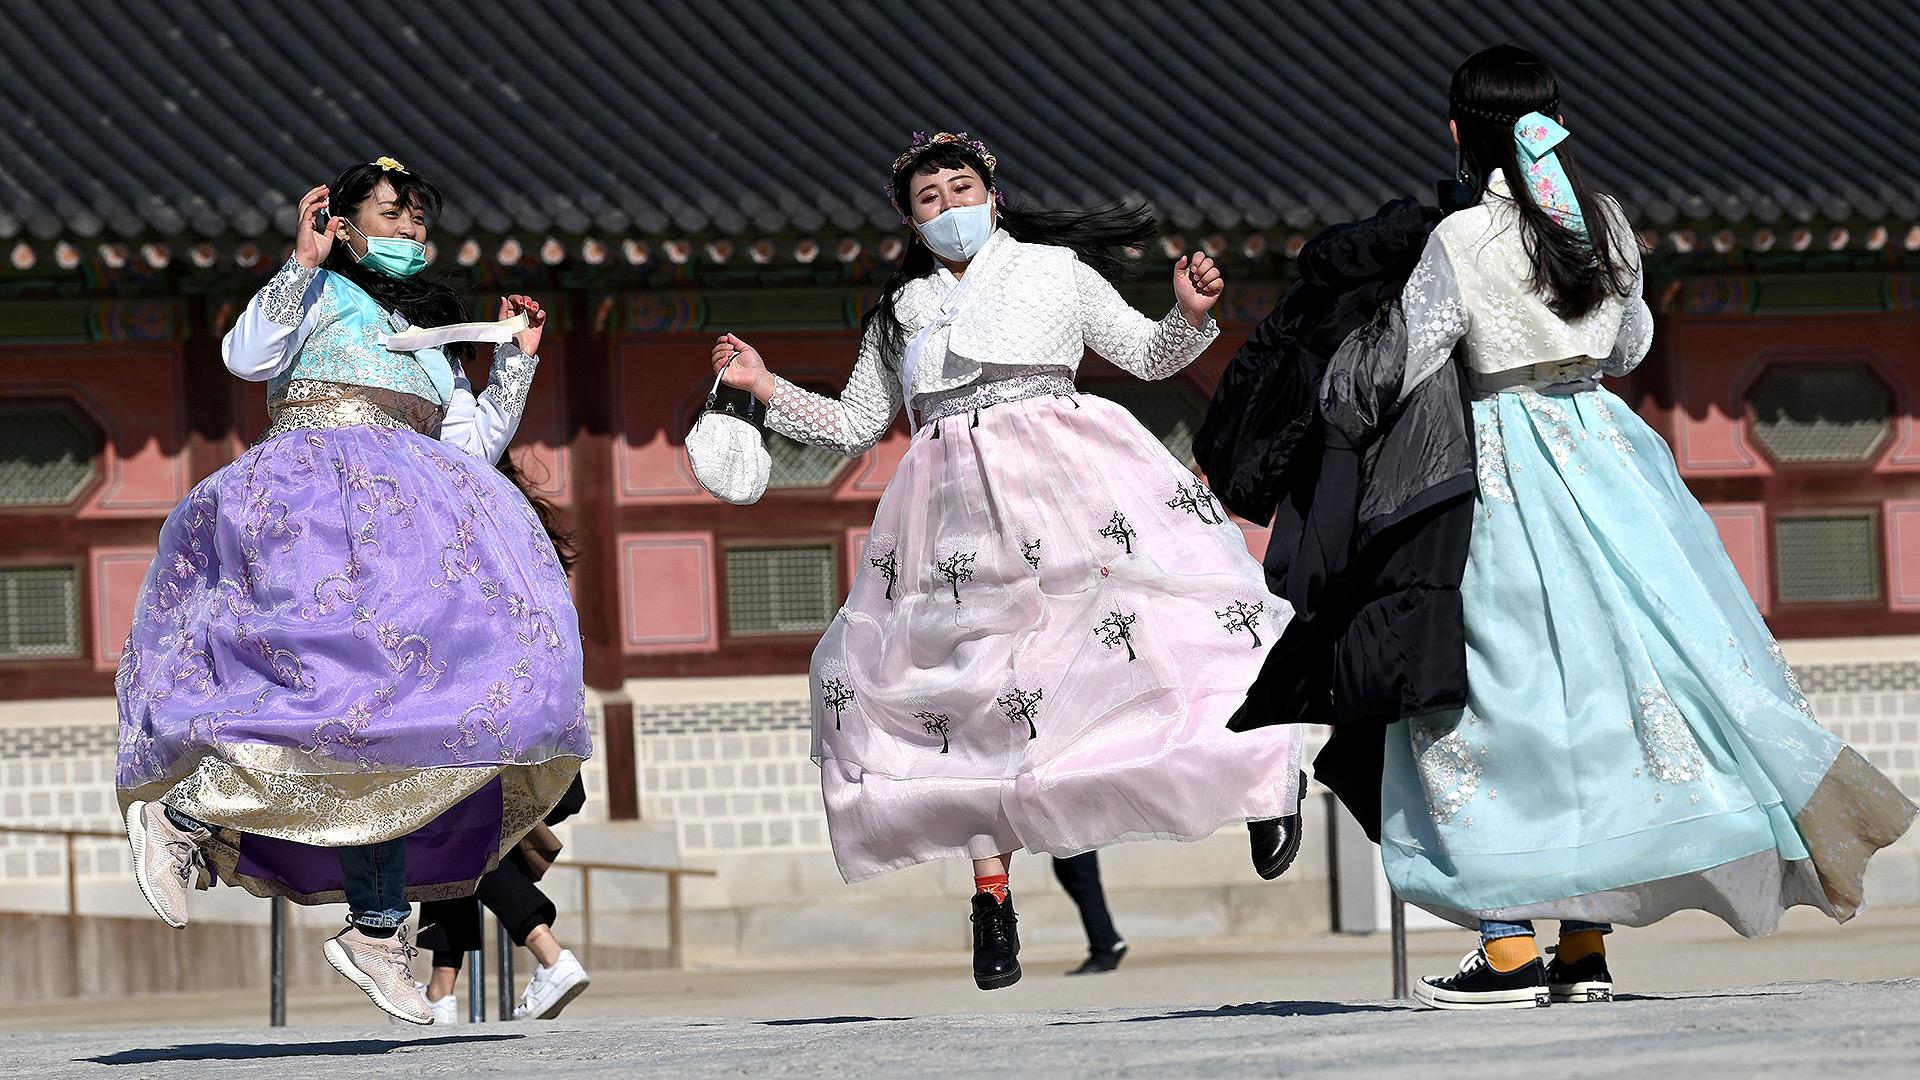 Las personas con vestidos tradicionales de hanbok coreanos usan máscaras faciales mientras saltan para una foto de recuerdo en el palacio Gyeongbokgung en Seúl el 3 de febrero de 2020 (Jung Yeon-je / AFP)